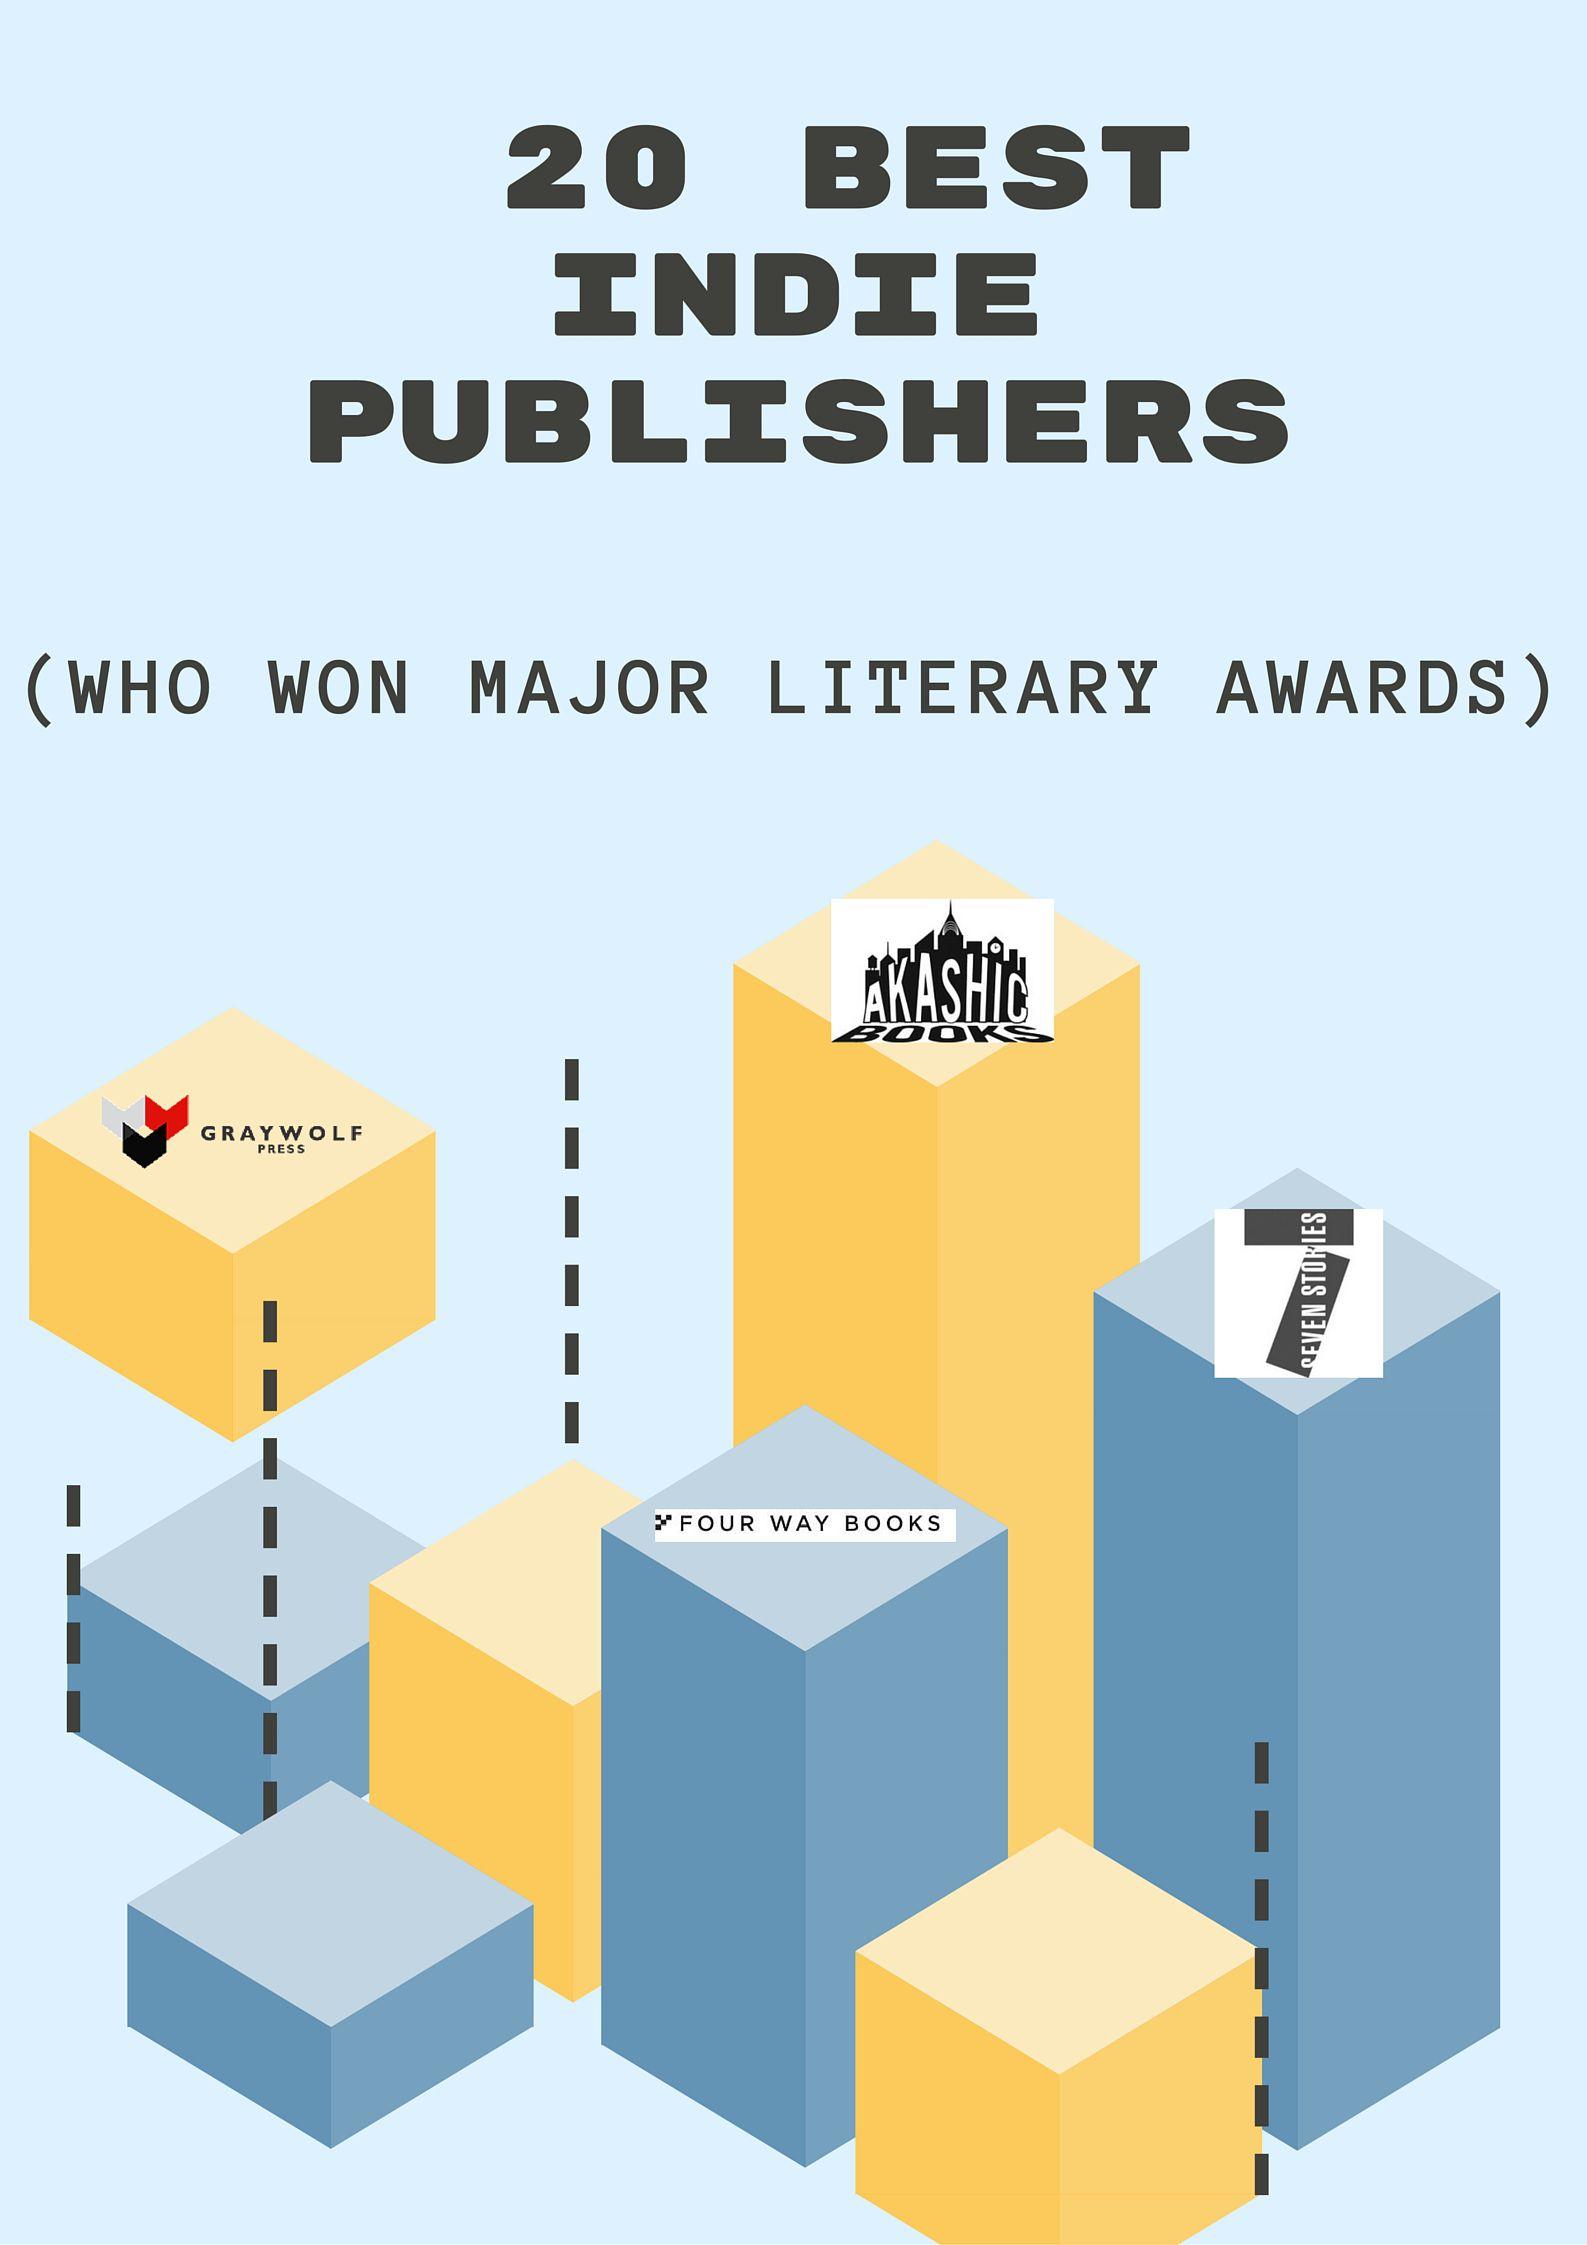 The BestIndepdentPublishers